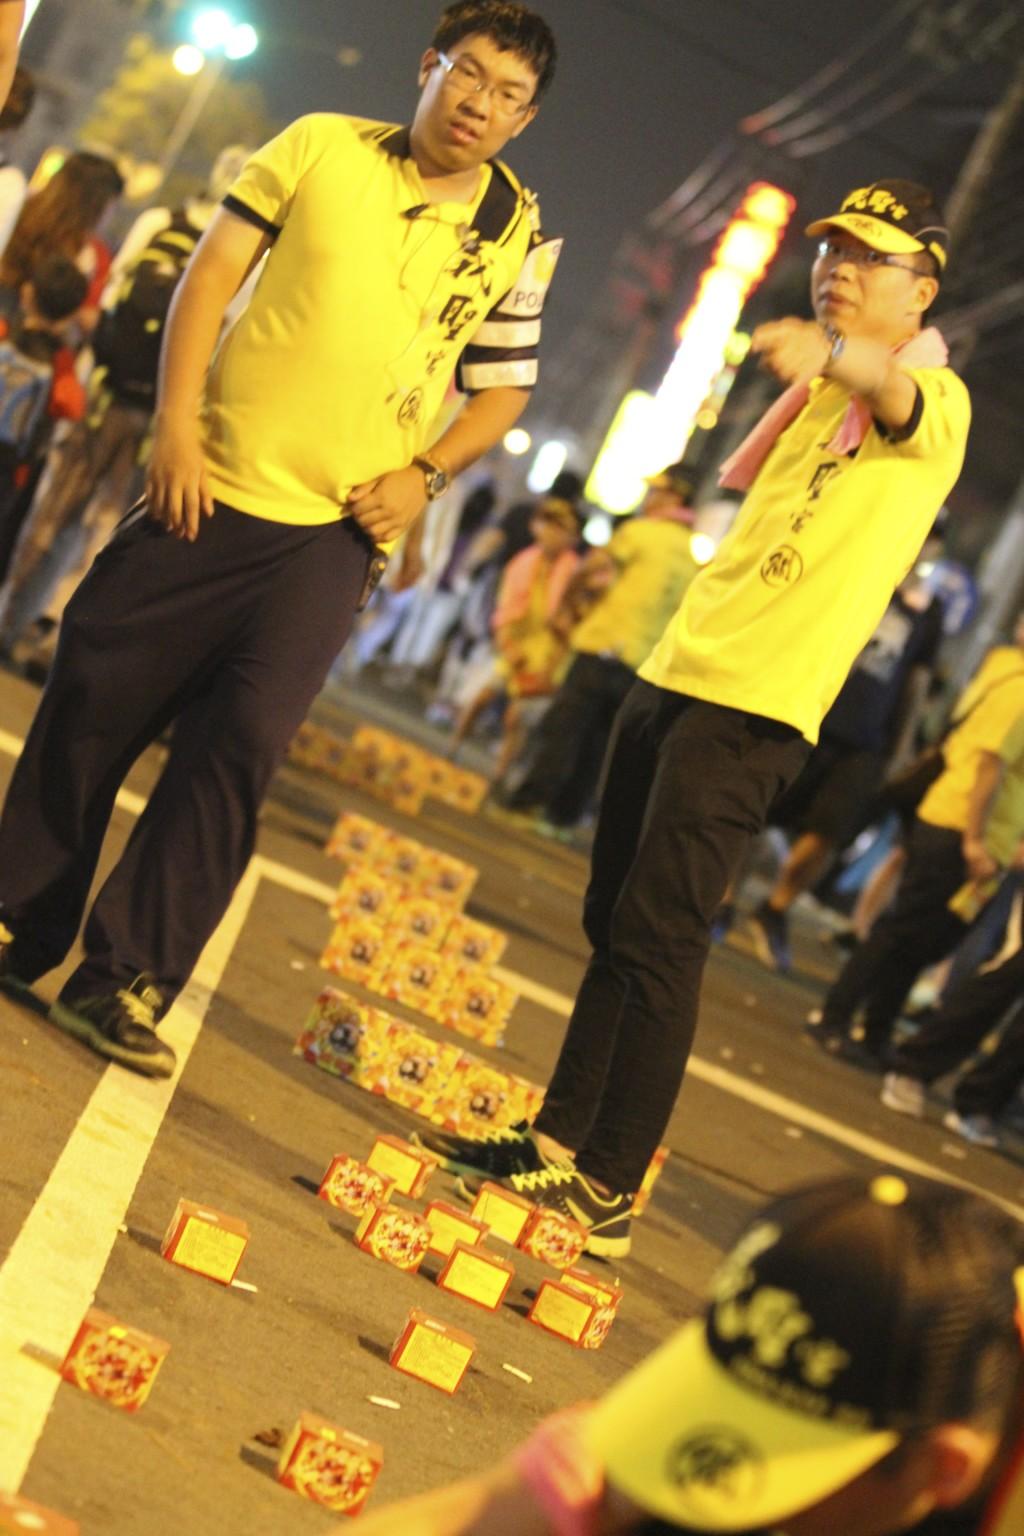 警察の腕章をしたスタッフも、祭りに参加している